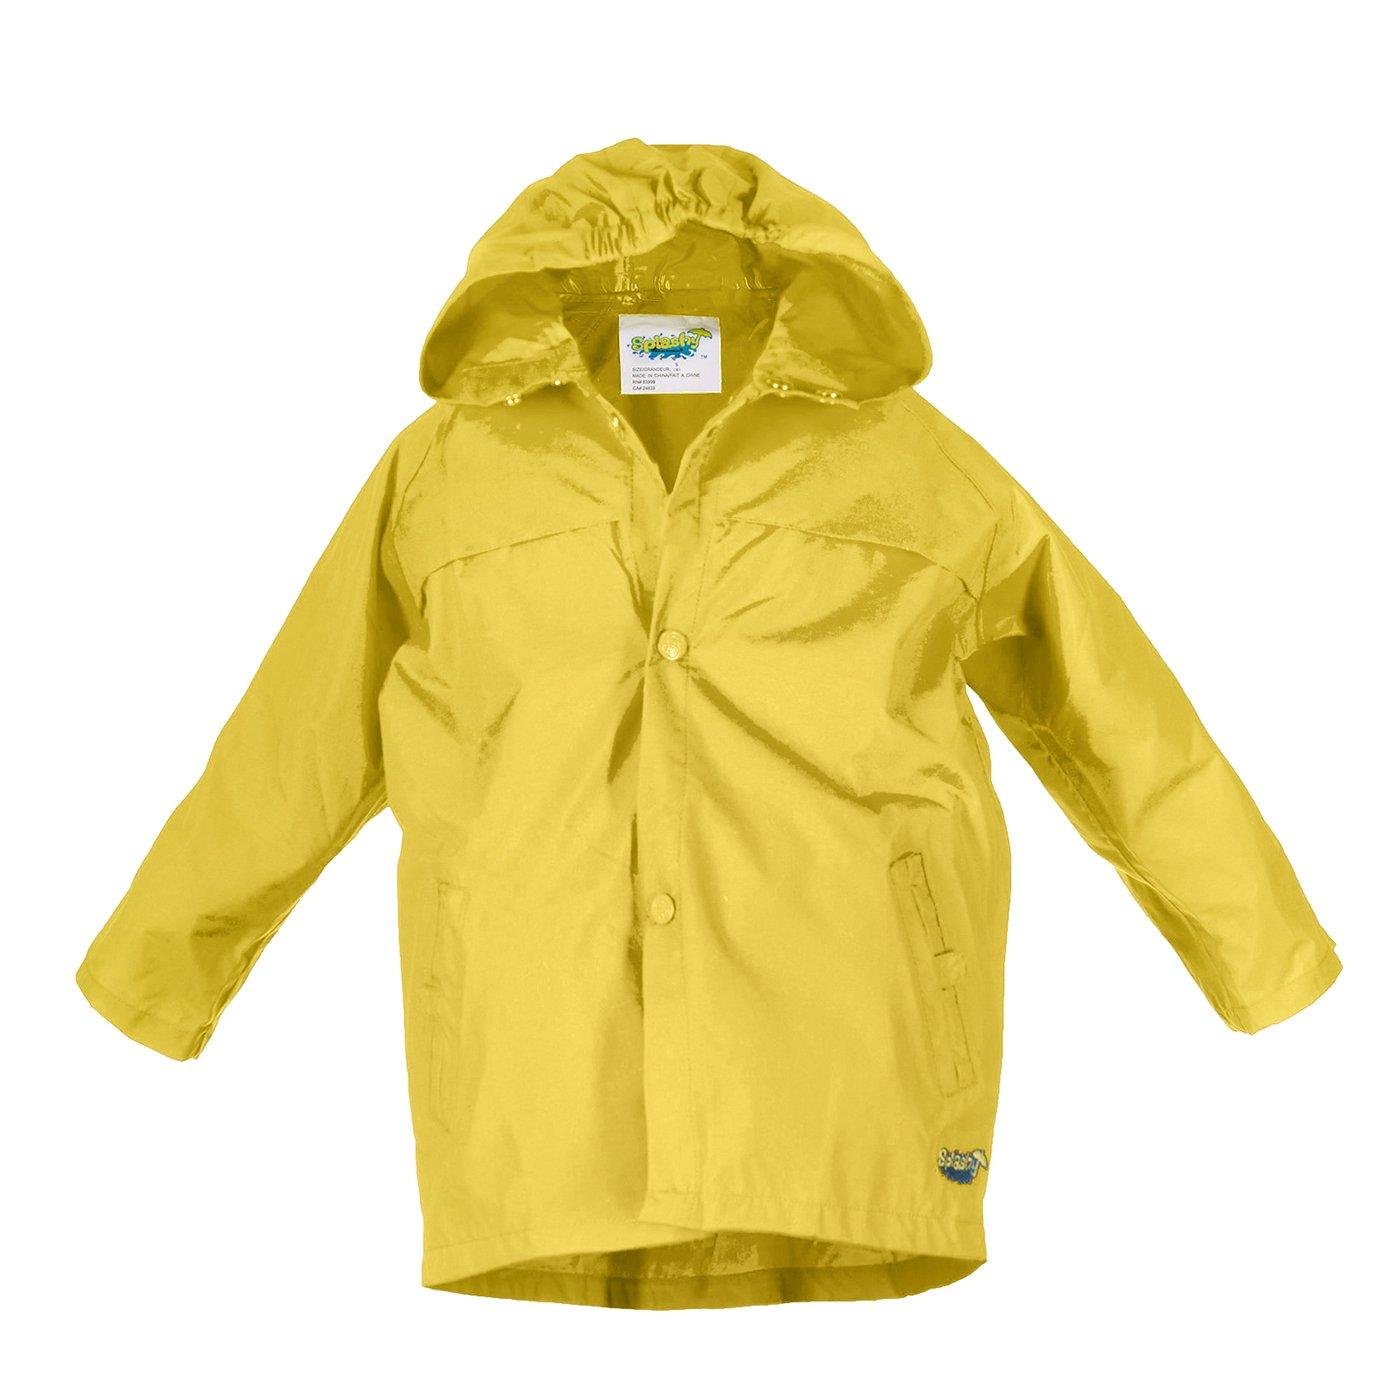 Splashy Children's Rain Jacket (11/12, Yellow)